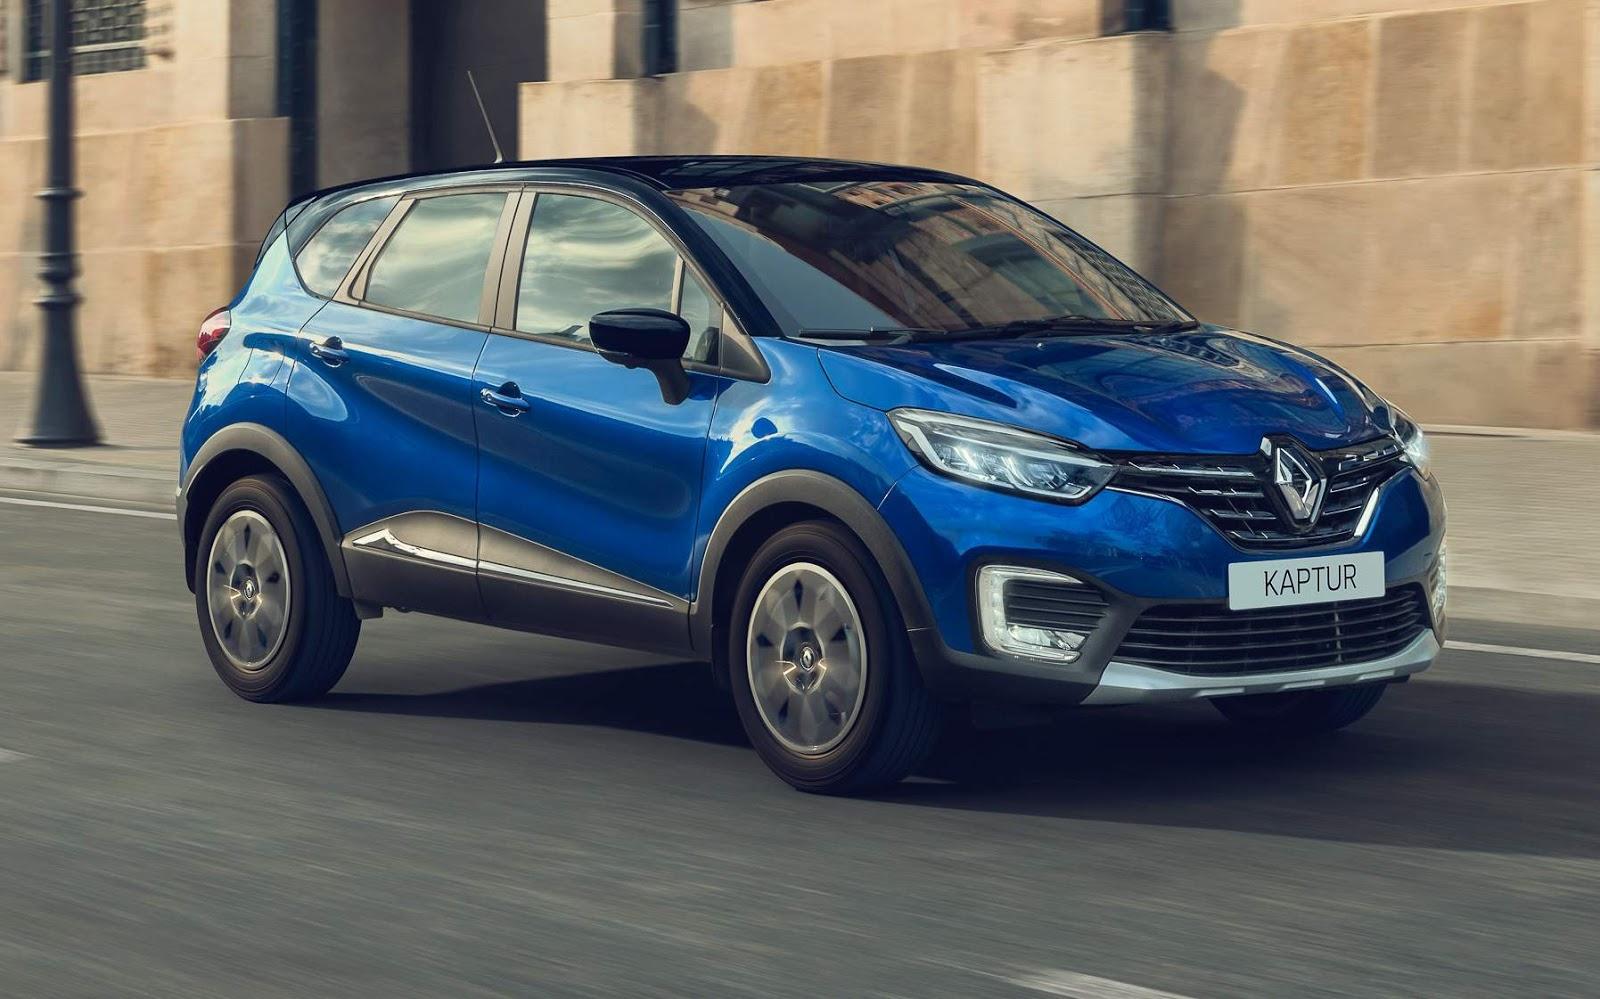 Novo Renault Captur 2022: motor 1.3 Turbo Flex tem 170 cv e 27,5 kgfm de torque